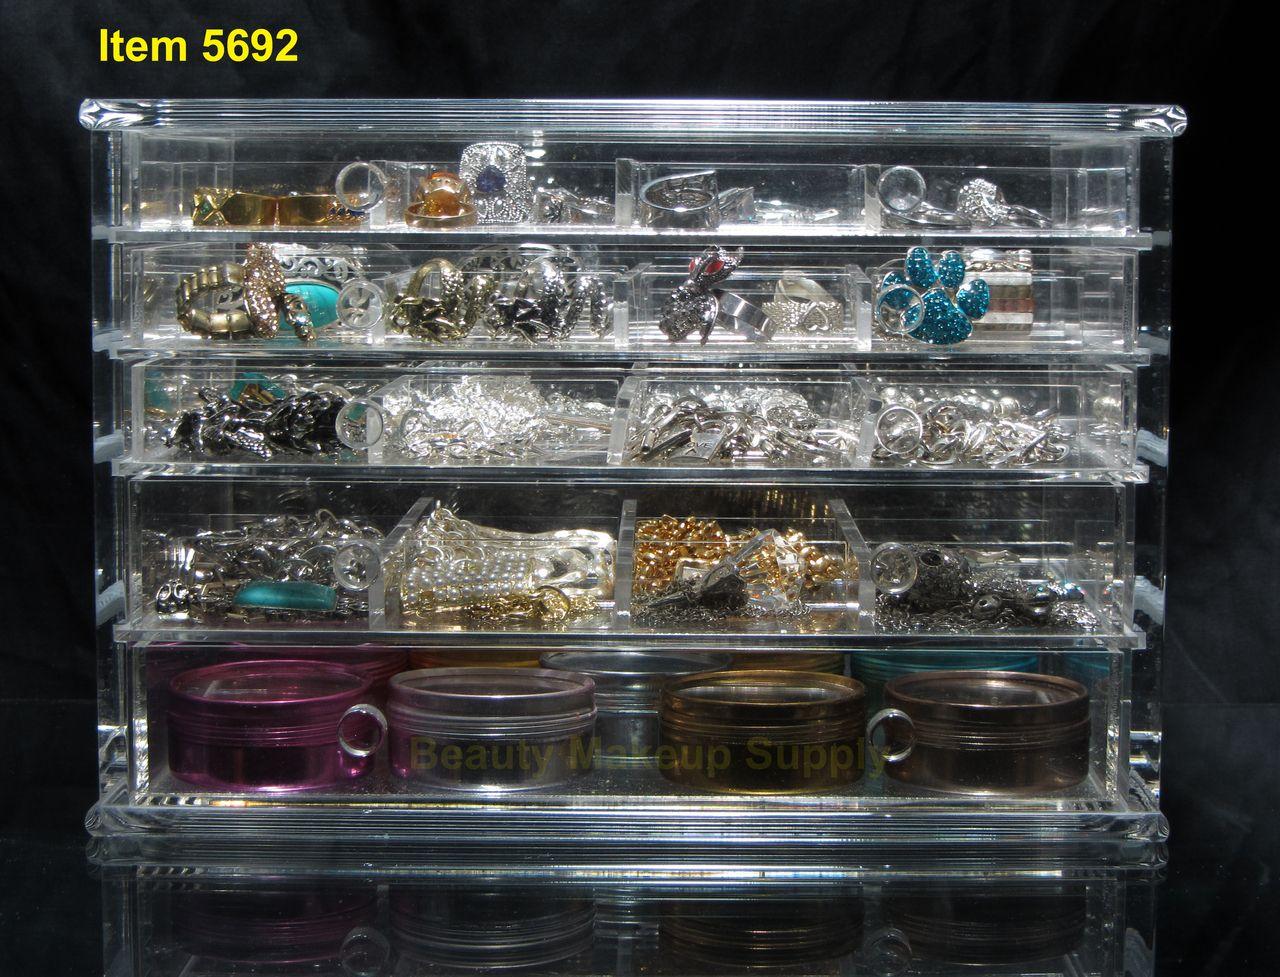 Luxury Acrylic 5 Drawer Jewelry Storage Organizer Box Sku 5692 Jewelry Organizer Storage Jewellery Storage Beauty Organization